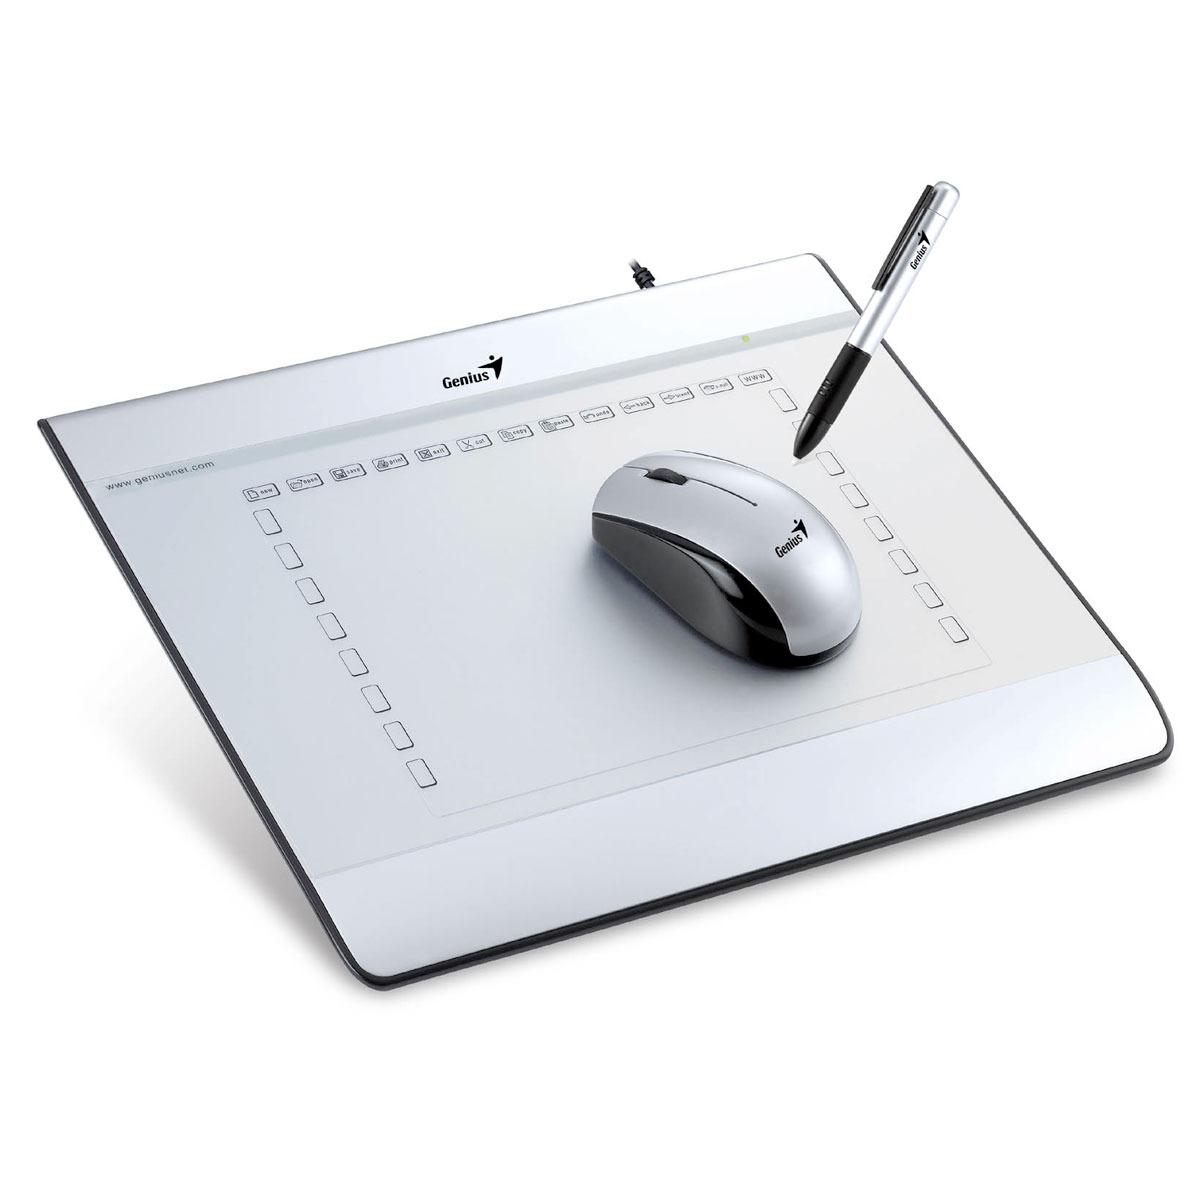 Tablette graphique Genius MousePen i608 Genius MousePen i608 - A5 (PC/Mac)